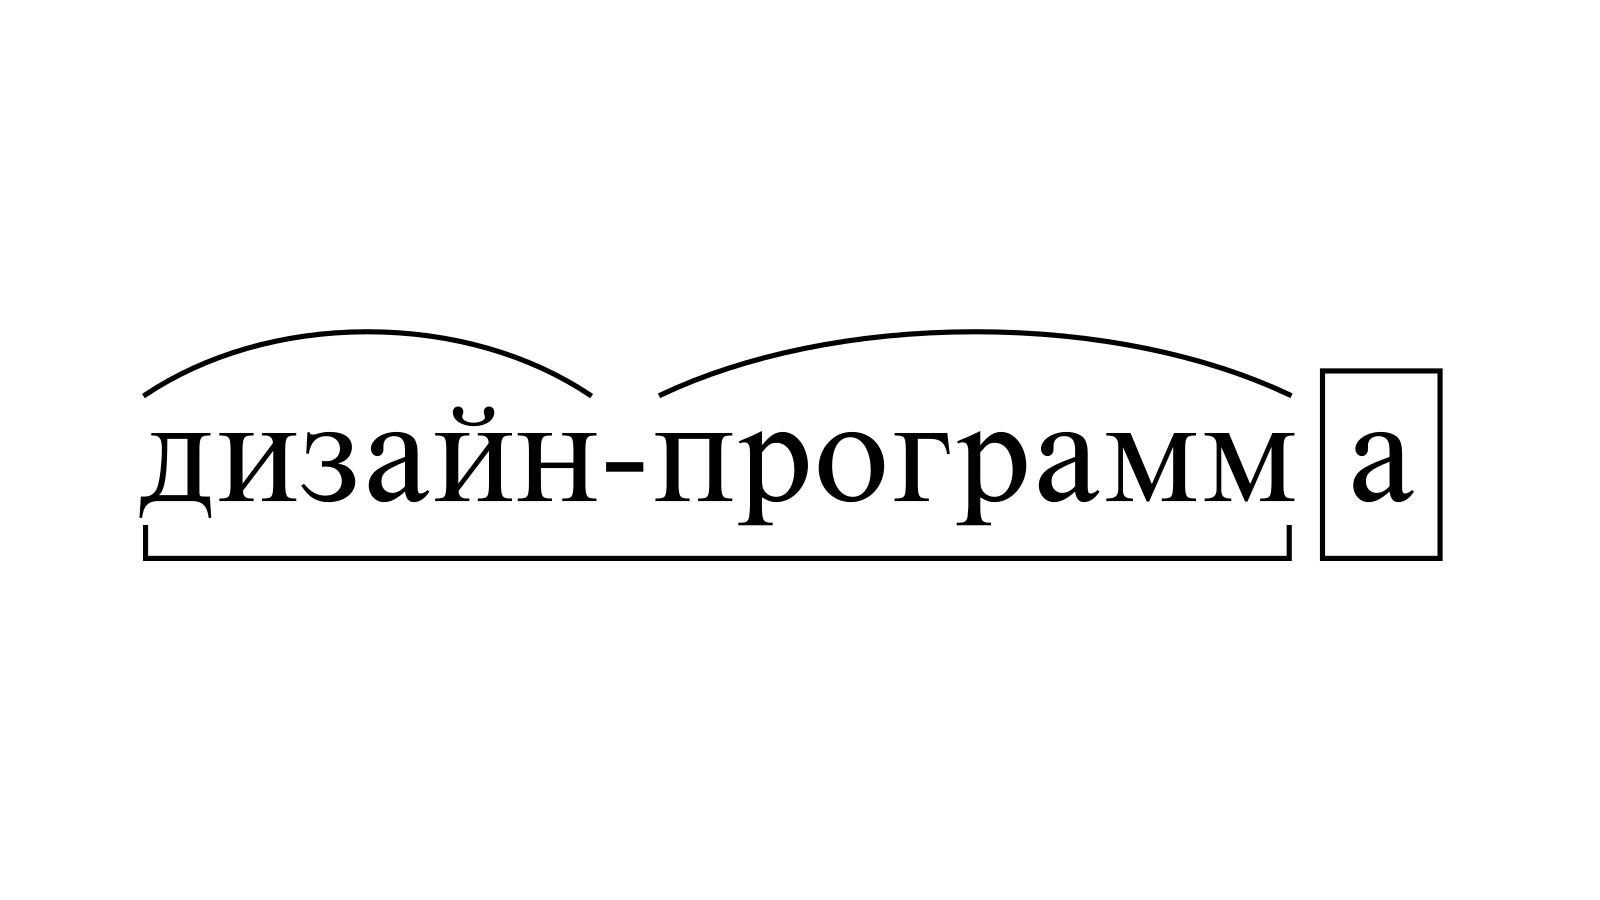 Разбор слова «дизайн-программа» по составу